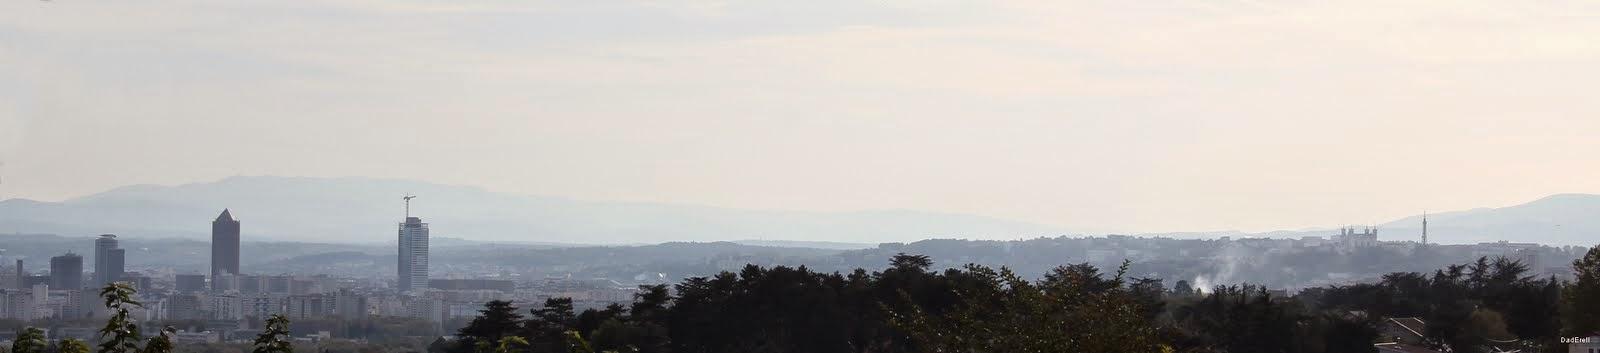 Lyon Quartier de la Part-Dieu et colline de Fourvière